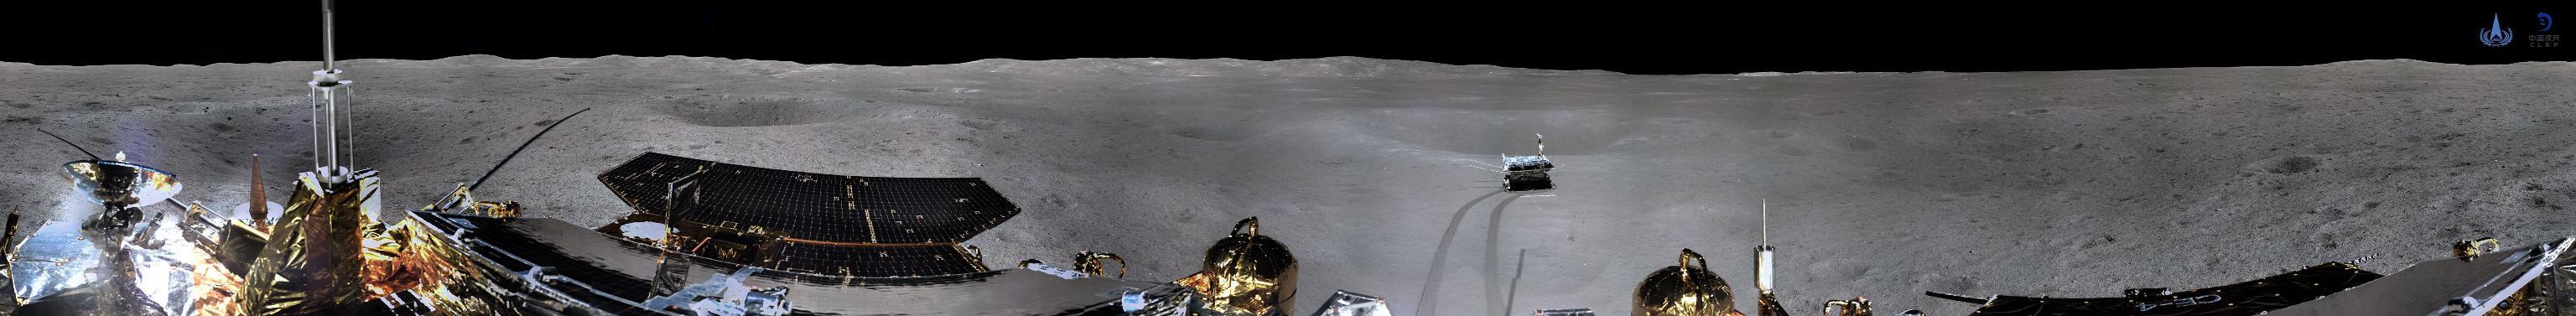 La foto panoramica, realizzata dalla missione spaziale cinese ha inviato la prima immagine panoramica del luogo di atterraggio, mostra il grigio paesaggio del lato oscuro della Luna. (China National Space Administration)